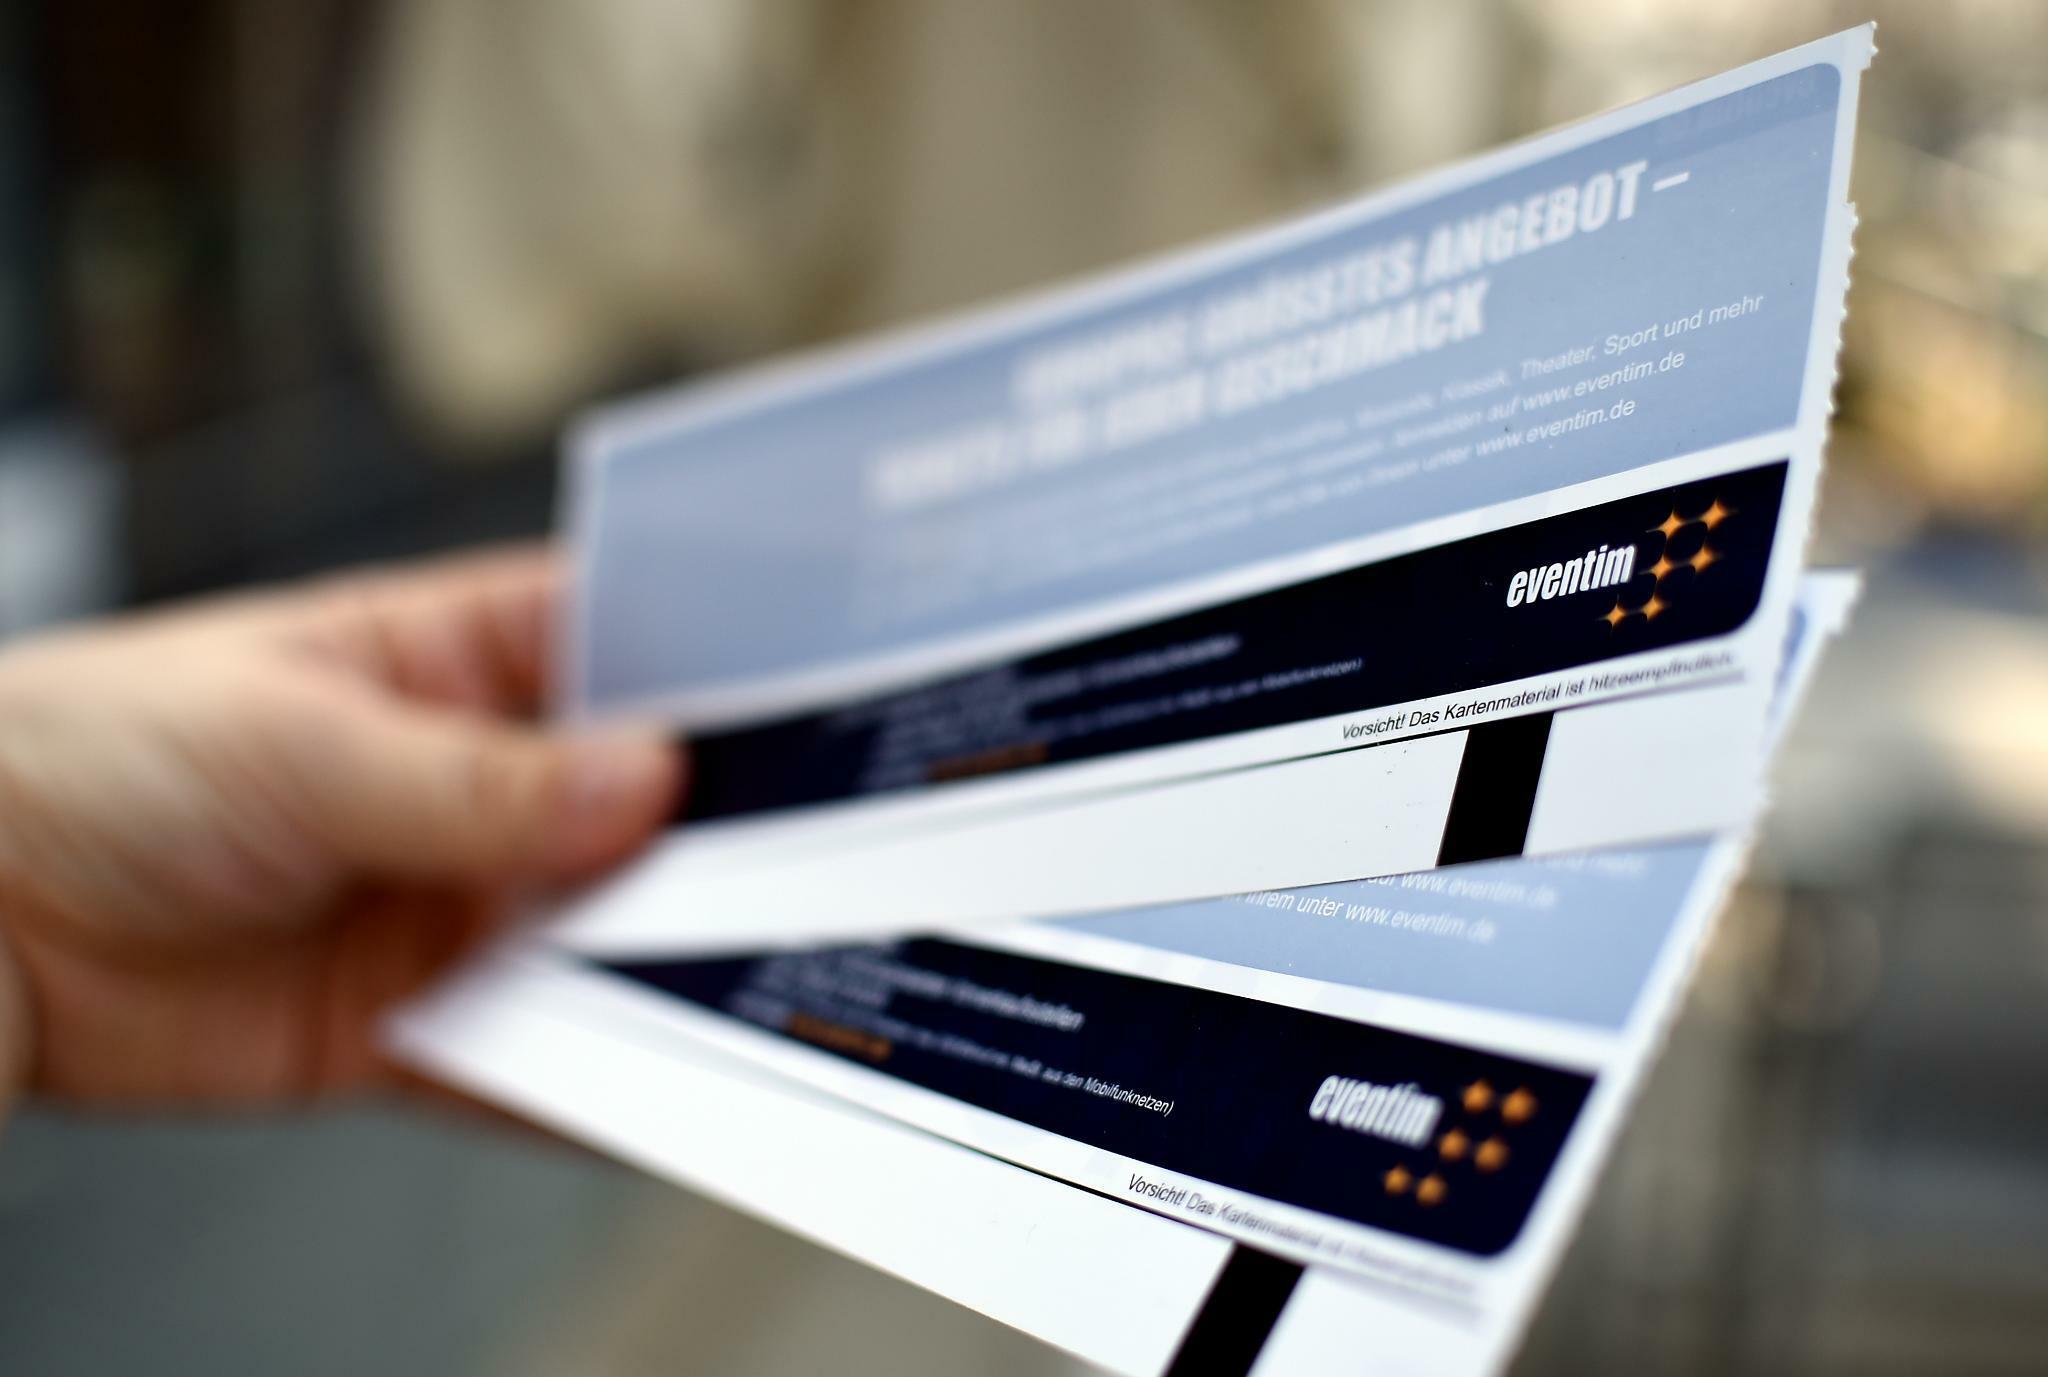 Tickets: CTS Eventim legt beim Überschuss deutlich zu